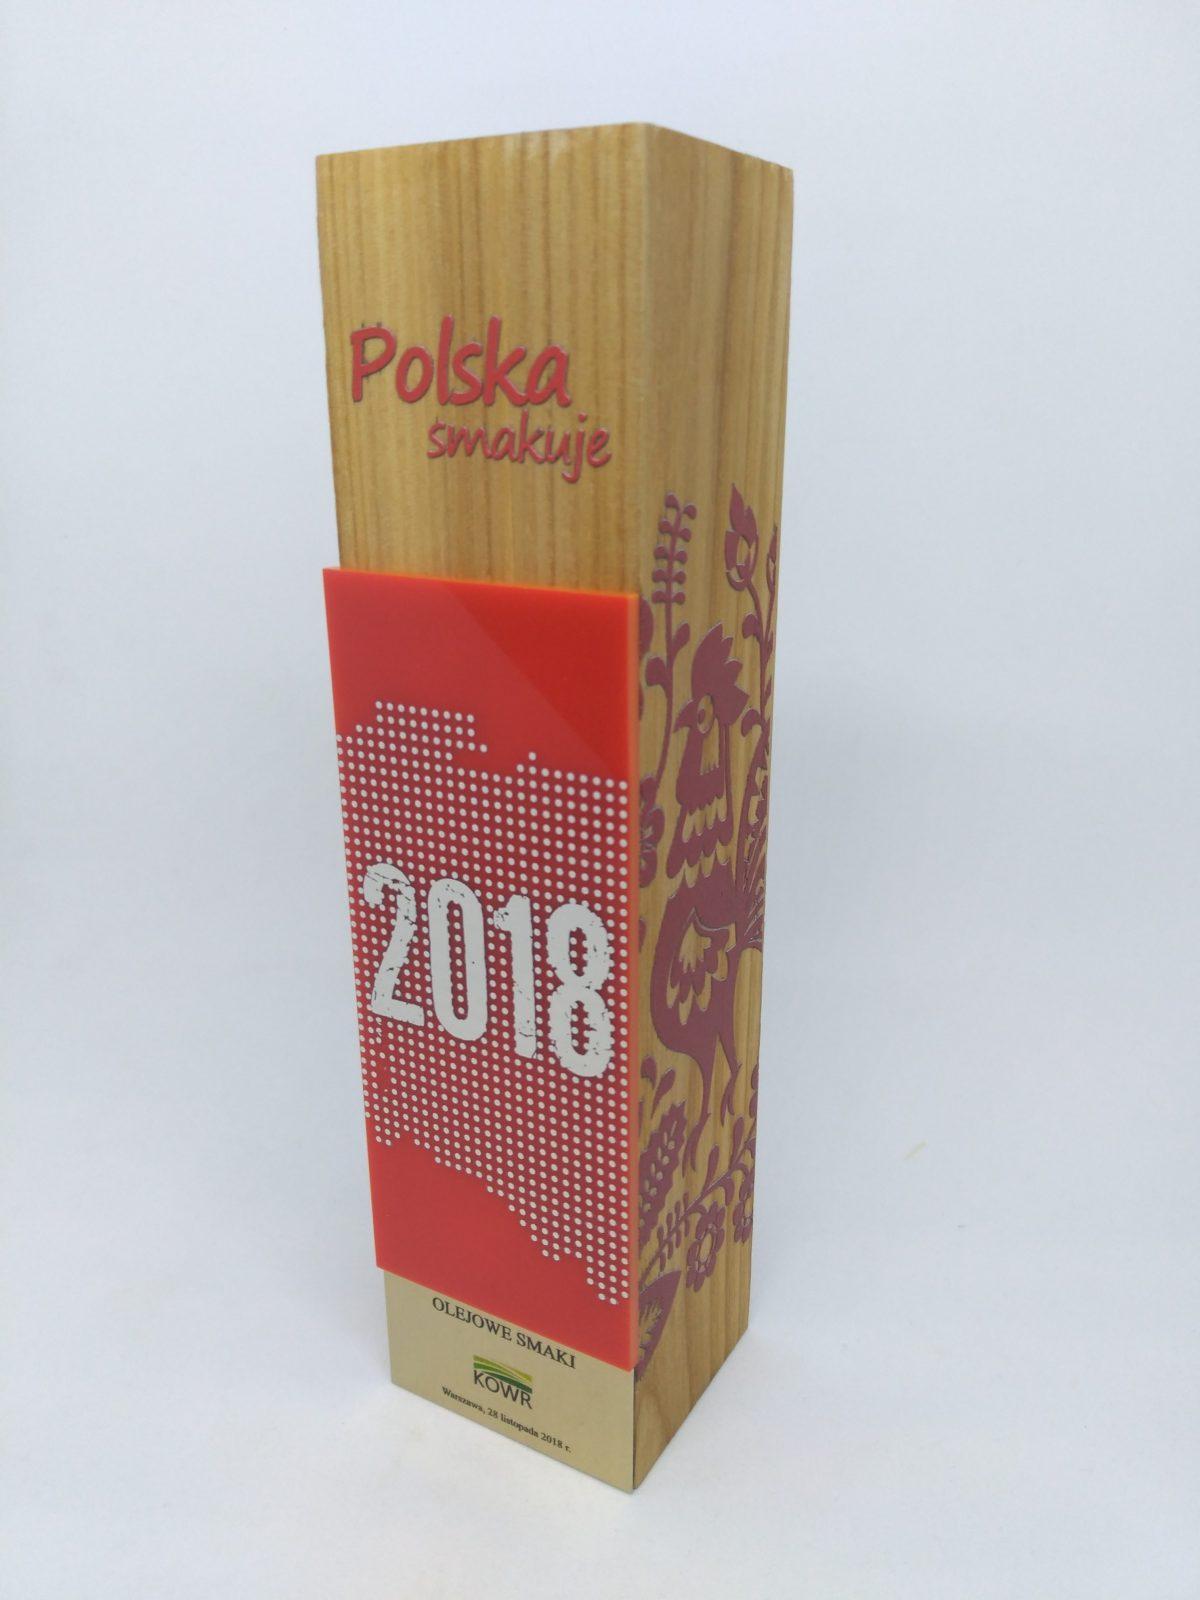 Nagroda Polska Smakuje